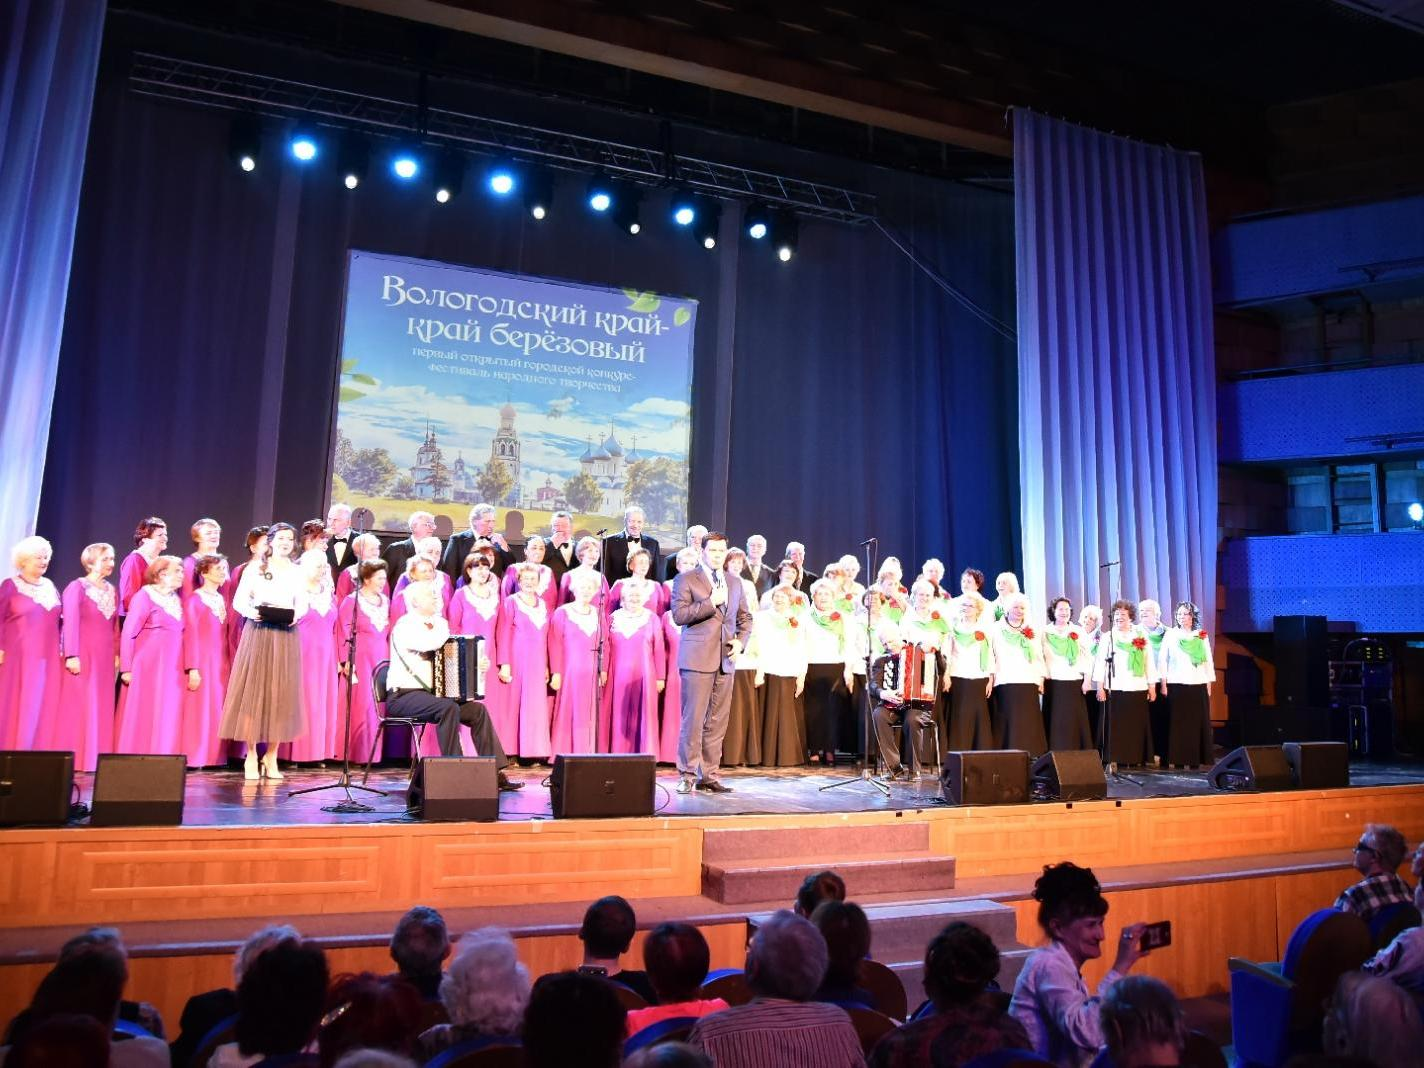 «Вологодский край — край березовый» прославили творческие жители города и области